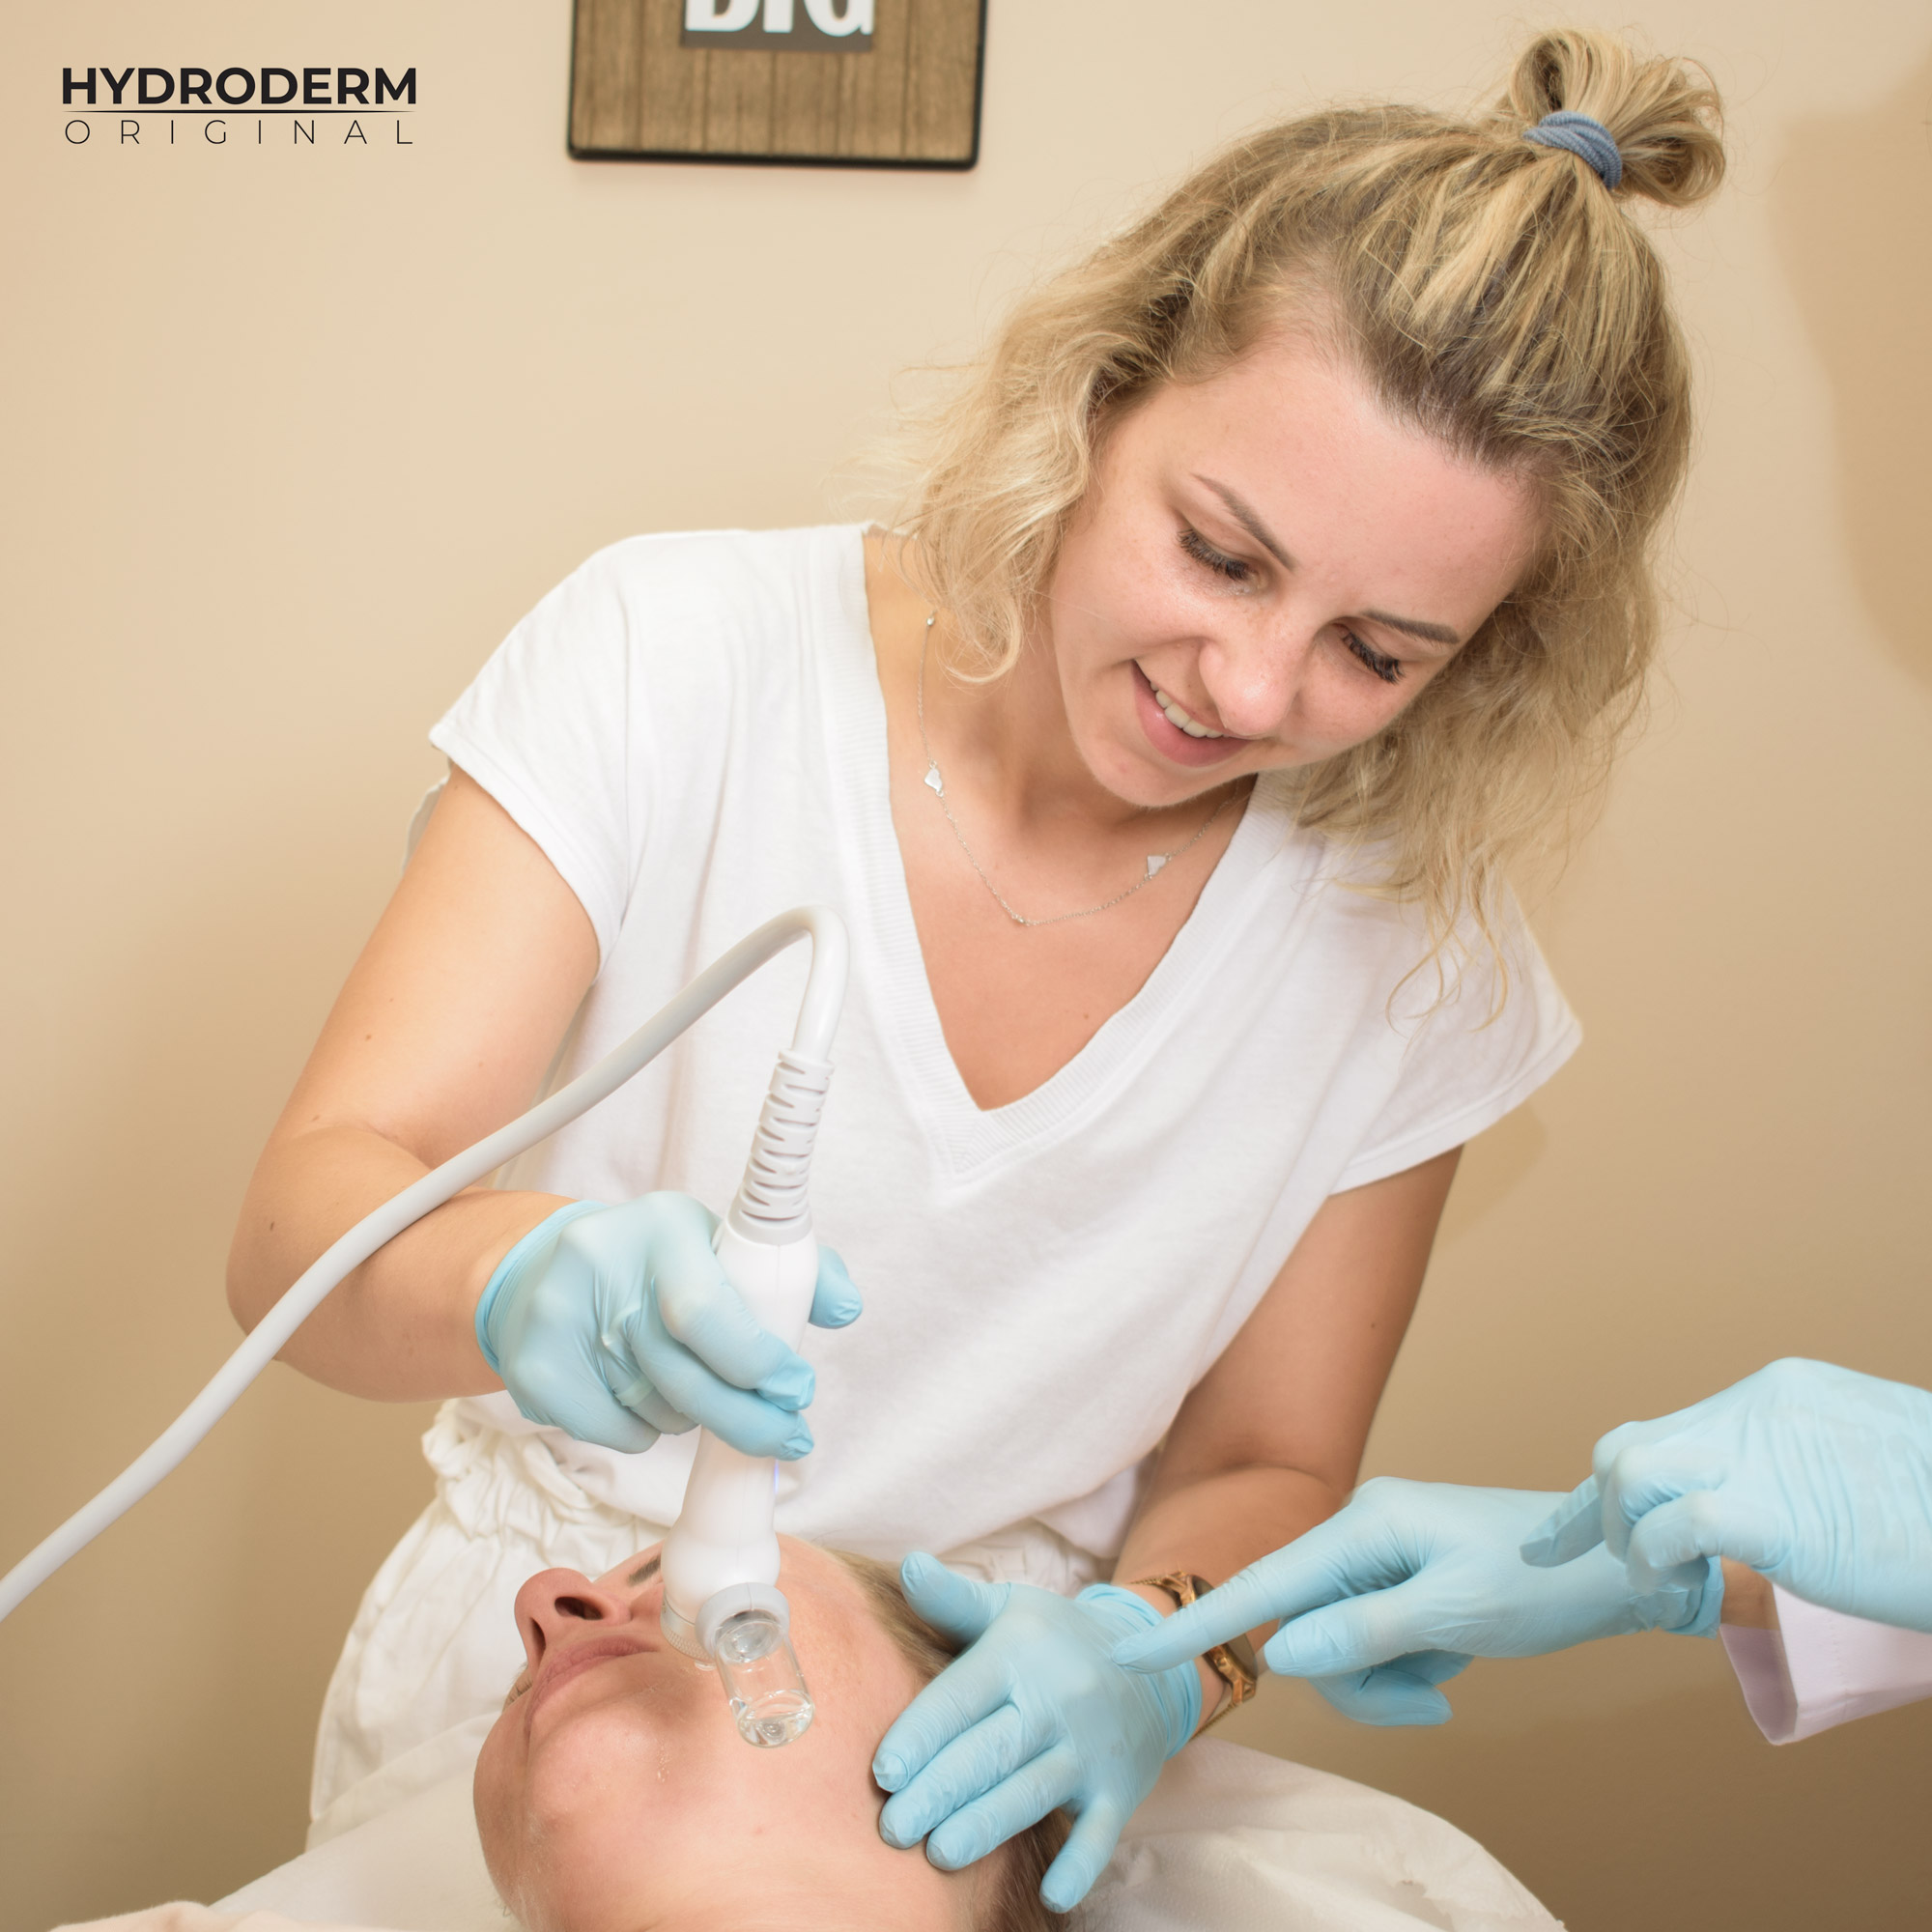 Przy użyciu głowicy Oxygen Spray następuje dogłębne dotlenienie komórek skóry